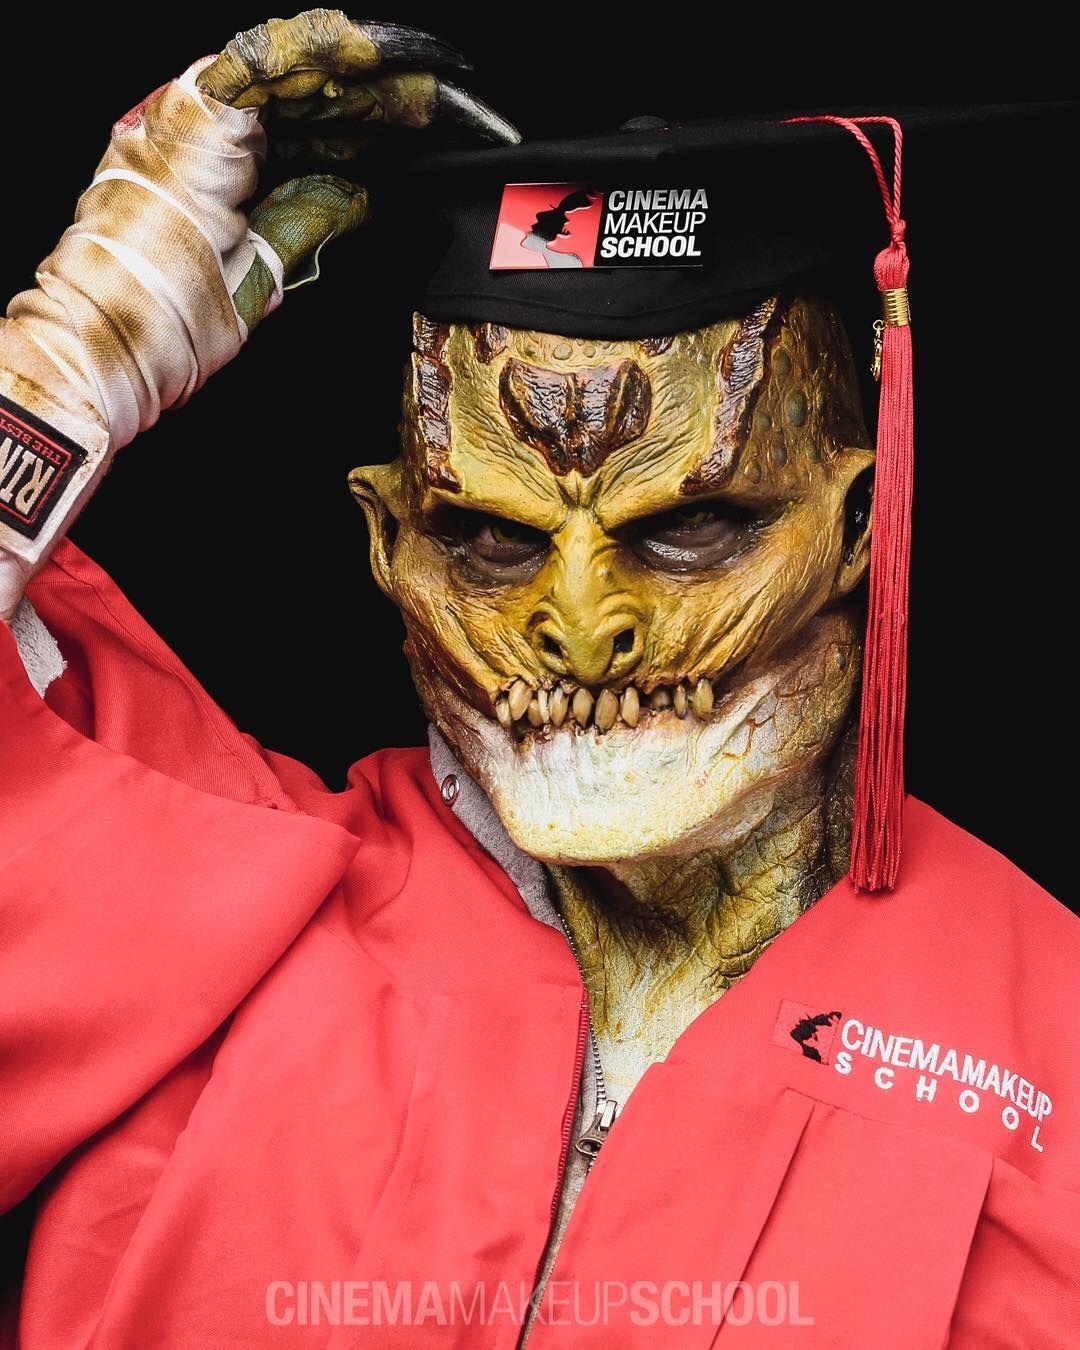 Crocodile prosthetics Cinema makeup school